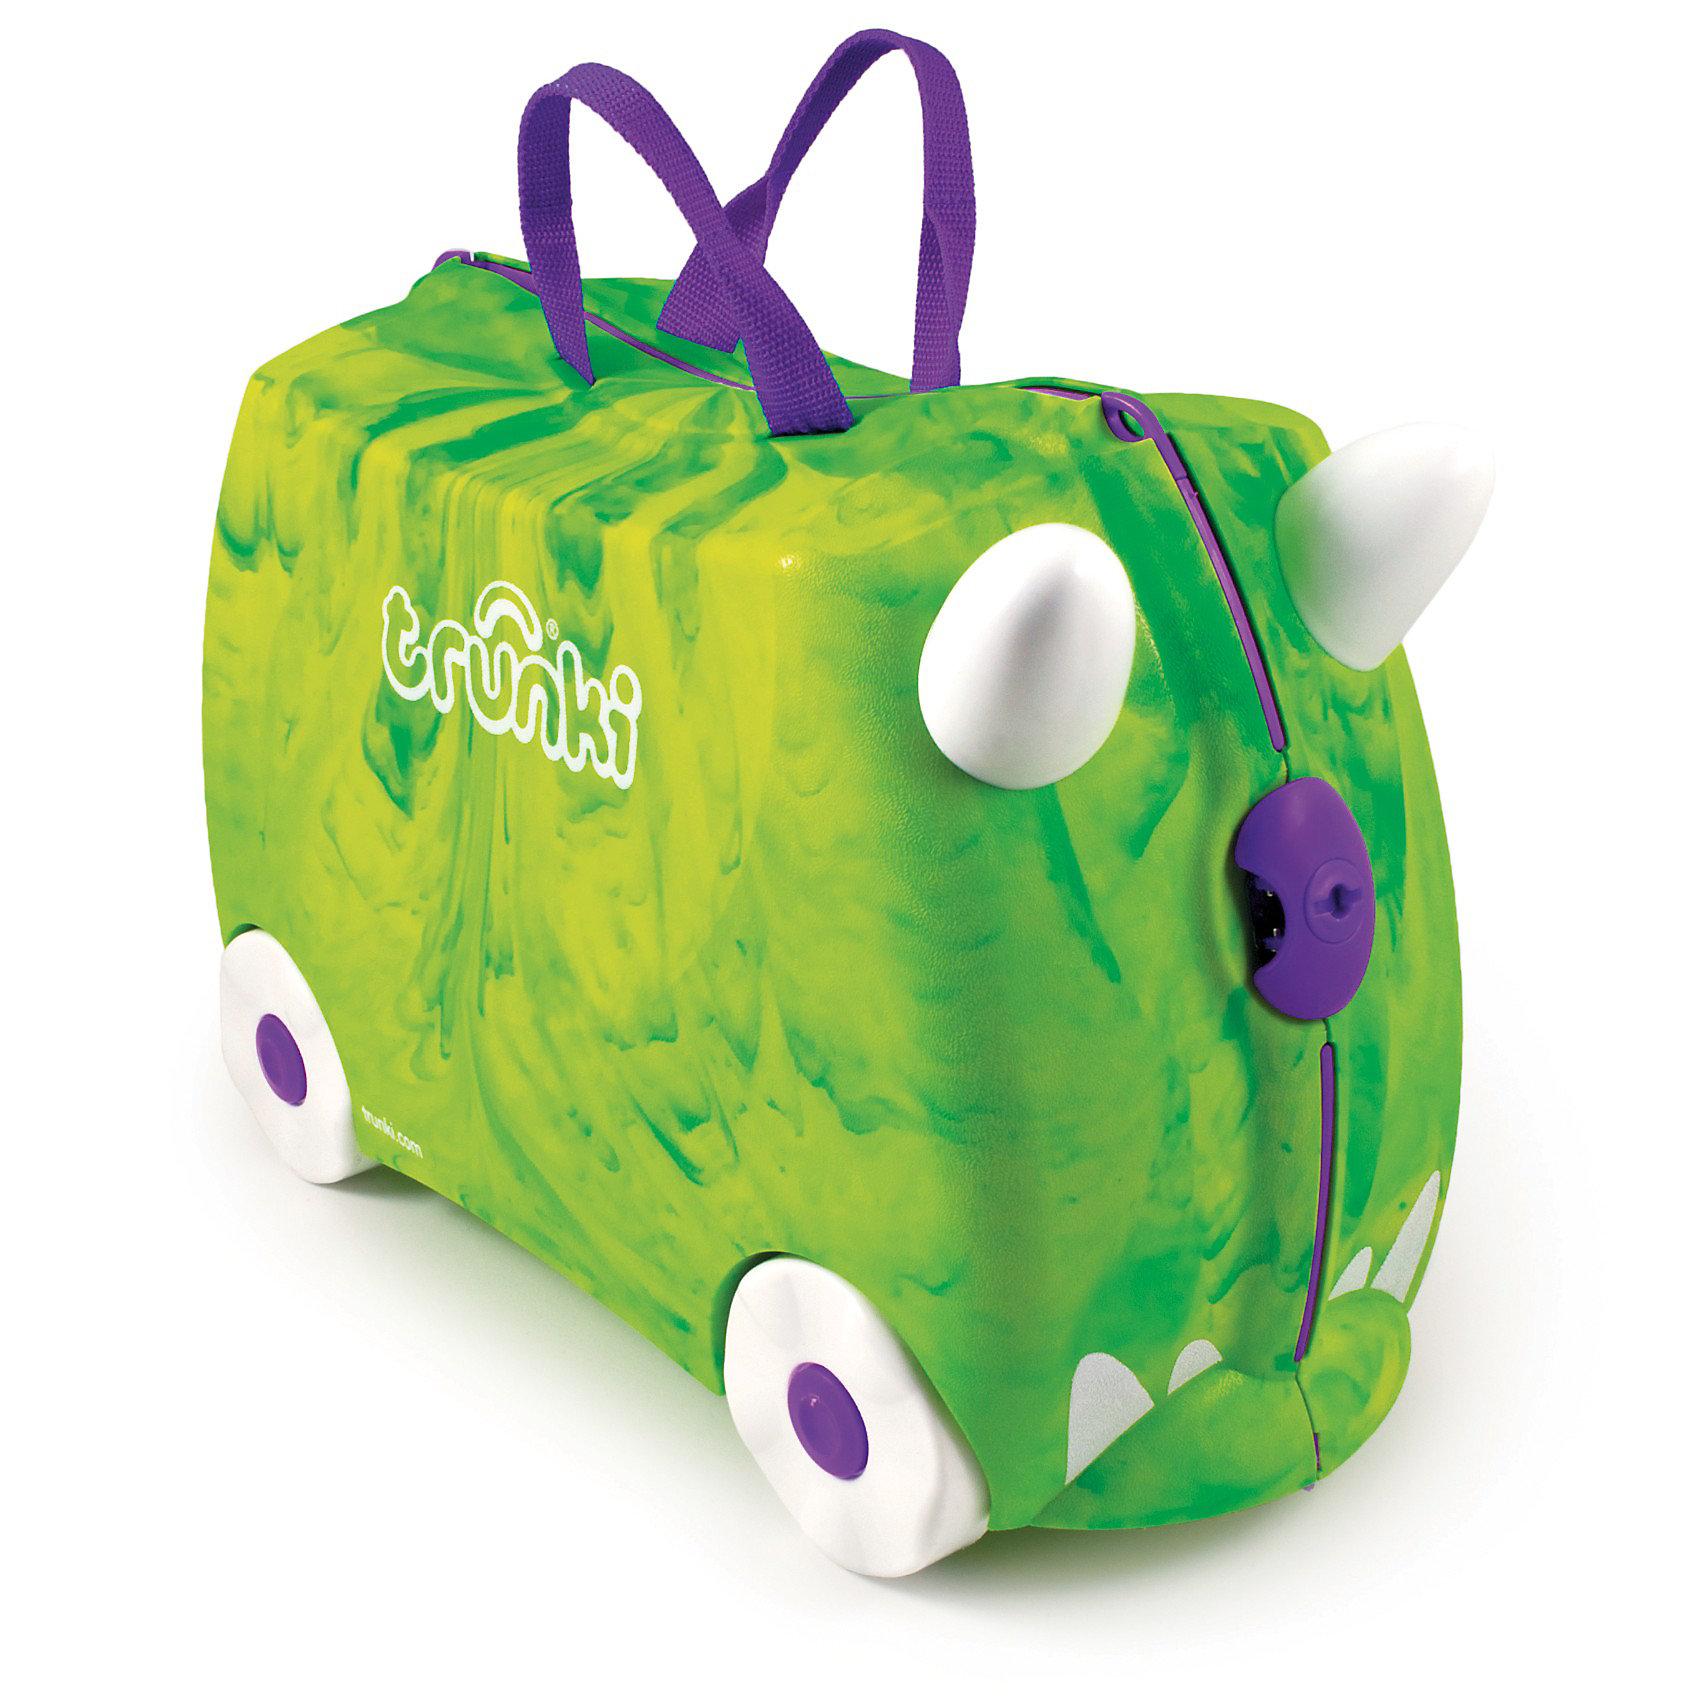 Чемодан на колесиках Динозавр зеленыйДорожные сумки и чемоданы<br>Вместительный, удобный чемодан Динозавр зеленый - замечательный вариант для маленьких путешественников. Оригинальный чемодан выполнен из прочного пластика в виде забавного зеленого динозаврика с рожками и сиреневым носиком-замком. Размеры позволяют брать его в самолет как ручную кладь. Чемоданчик может использоваться как детский стульчик и как оригинальное средство передвижения. Благодаря надежным колесикам, удобной конструкции седла и стабилизаторам малыш ездит на чемодане как на каталке, отталкиваясь ножками и держась за рожки динозаврика. <br><br>Чемодан оснащен удобными ручками для переноски и надежным замком с ключиком. С помощью ручного буксировочного ремня динозаврика можно везти по полу или нести на плече. Внутри просторное двустворчатое отделение для одежды и дорожных принадлежностей с ремнями для фиксации одежды, а также потайные секретные отсеки для мелочей. Все детали выполнены из экологически чистых, безопасных для детского здоровья материалов. Собственный чемодан для путешествий позволит ребенку почувствовать себя взрослым и самостоятельным.<br><br>Дополнительная информация:<br><br>- Материал: высококачественный пластик.<br>- Объем: 18 л.<br>- Максимальная нагрузка: 45 кг.<br>- Кол-во колес: 4 колеса.<br>- Размер чемодана: 46 х 20,5 х 31 см.<br>- Вес: 1,7 кг.<br><br>Чемодан на колесиках Динозавр зеленый, Trunki, можно купить в нашем интернет-магазине.<br><br>Ширина мм: 455<br>Глубина мм: 319<br>Высота мм: 224<br>Вес г: 1618<br>Возраст от месяцев: 72<br>Возраст до месяцев: 72<br>Пол: Унисекс<br>Возраст: Детский<br>SKU: 2326789